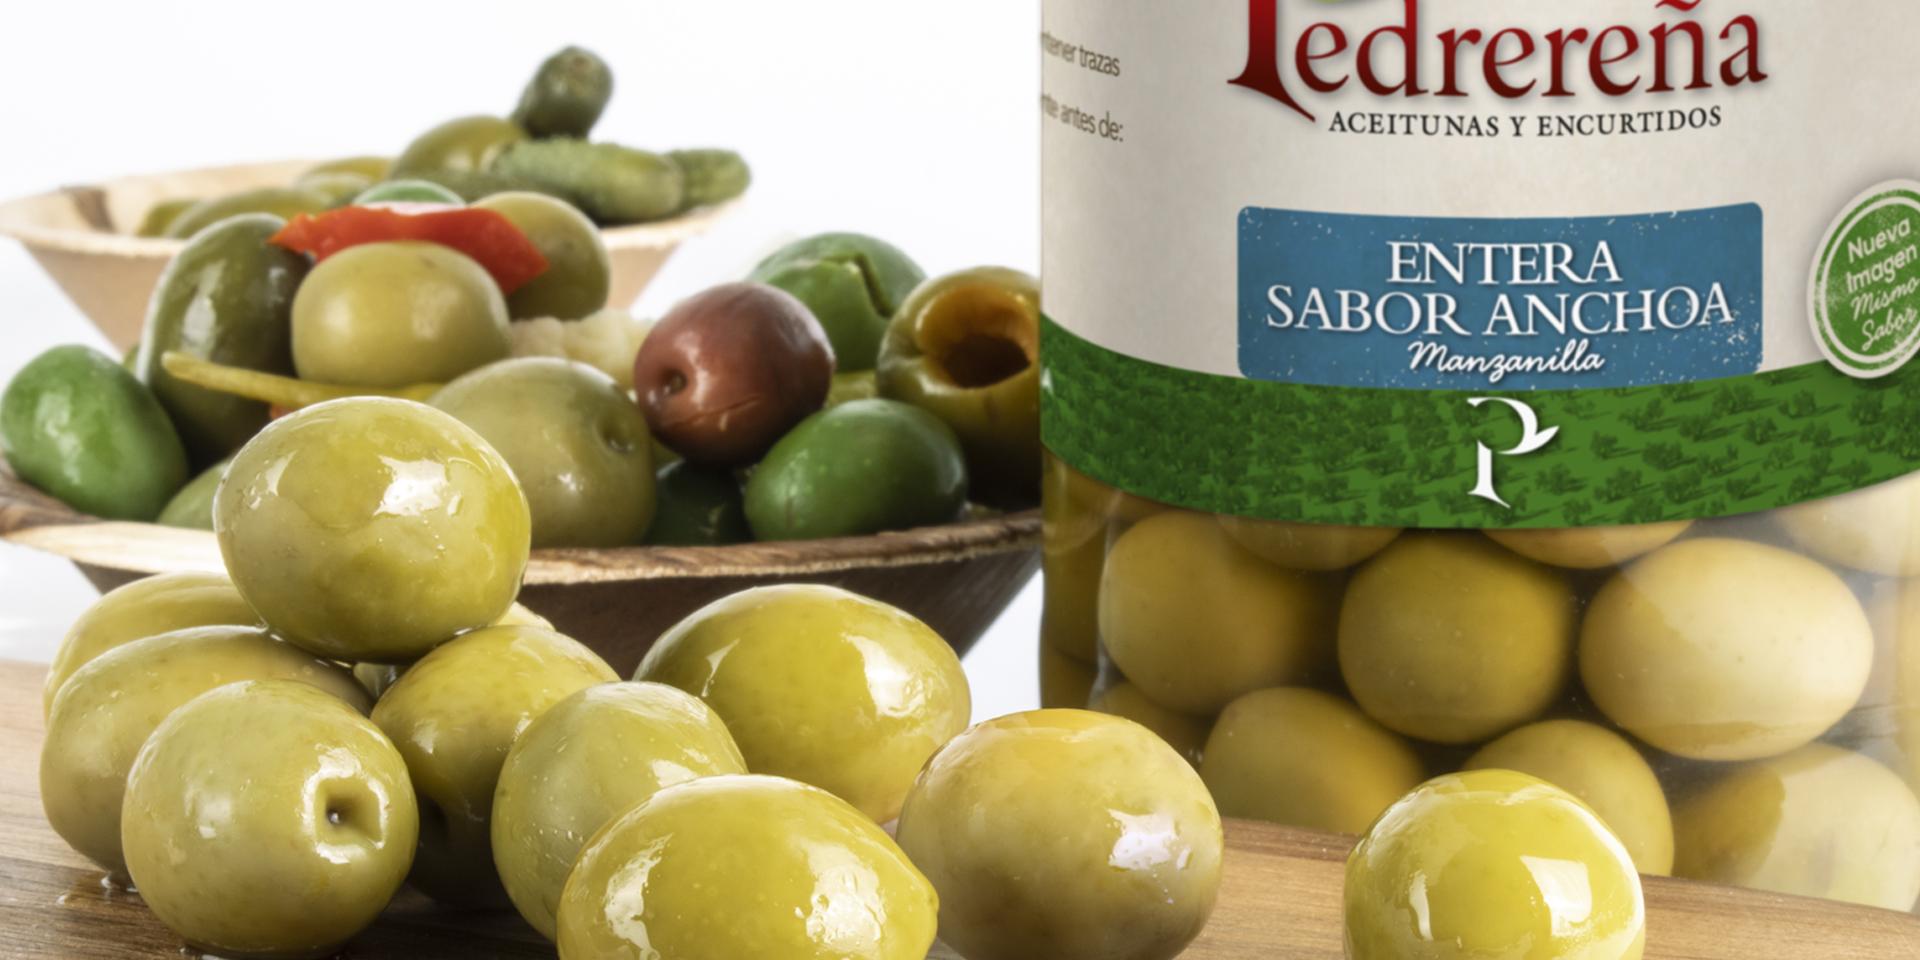 Branding y packaging para aceitunas y encurtidos